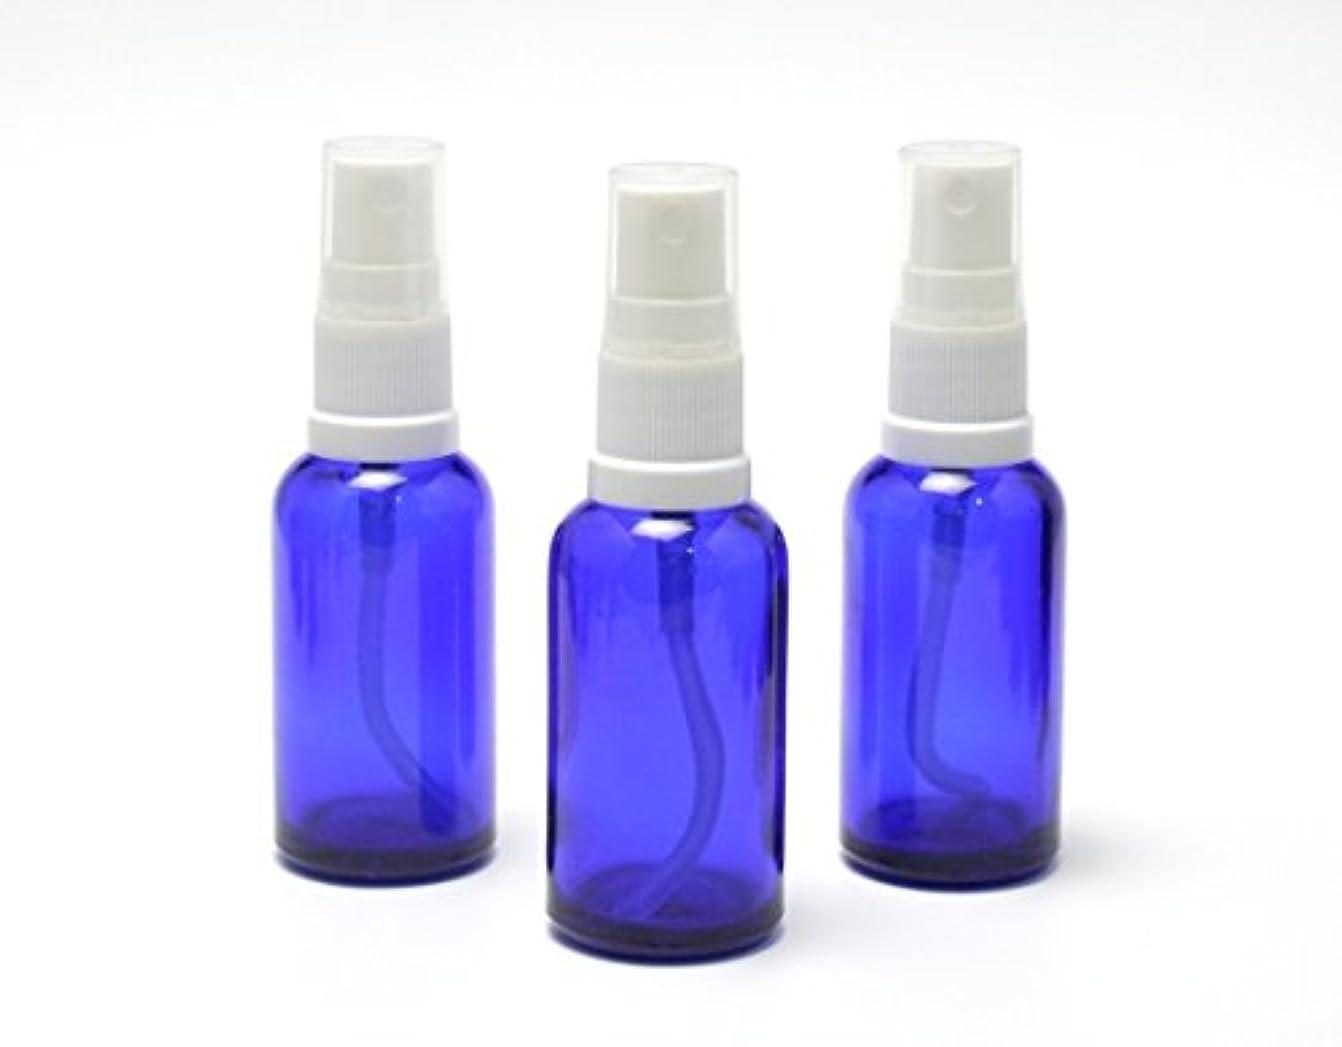 ロック温度重大遮光瓶 スプレーボトル 30ml  コバルトブルー / ホワイトヘッド(グラス/アトマイザー)【 アウトレット商品 】